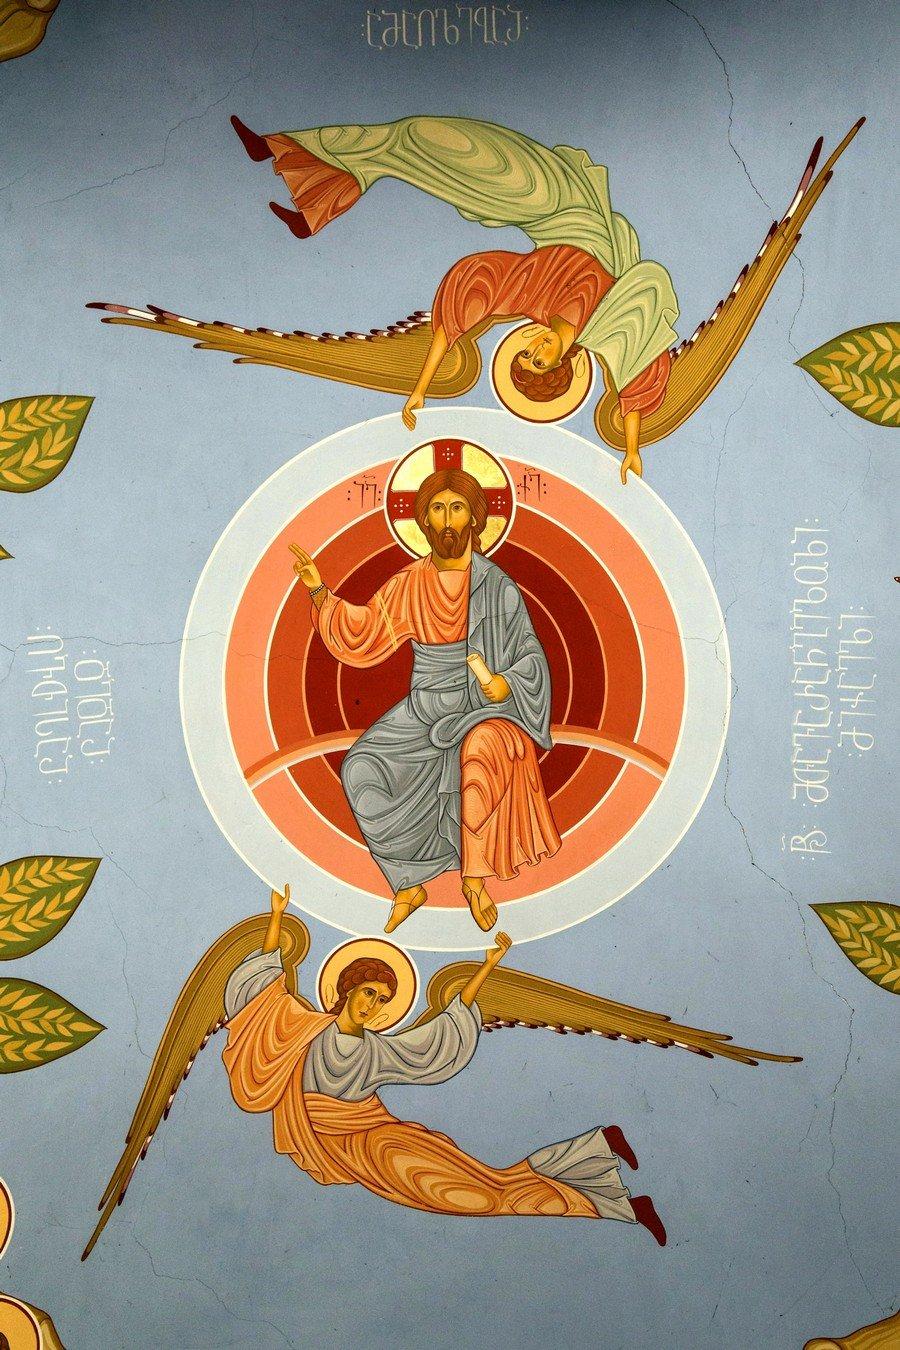 Вознесение Господне. Фреска монастыря Моцамета, Грузия.